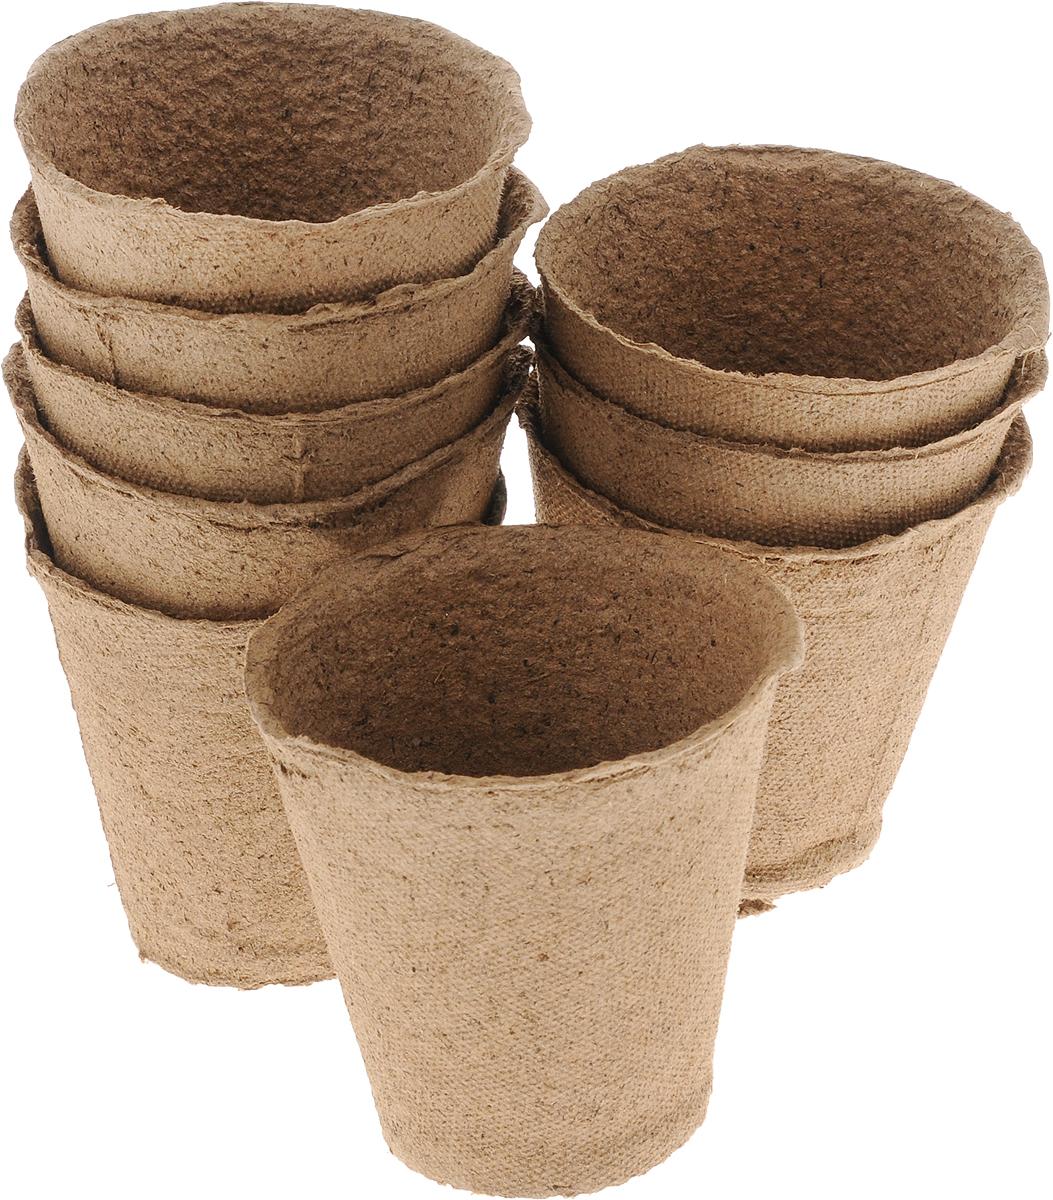 Торфяной горшочек Добрая сила, для выращивания рассады, 9 х 9 х 9,5 см, 9 штDS44140051Горшочек Добрая сила является органическим продуктом и представляет собой полую емкость, стенки которого выполнены из торфо-древесной массы с добавлением мела.Рекомендуется для лучшего прорастания накрыть горшочки стекломили пленкой. Выращенную рассаду необходимо высаживать в грунт вместе с горшком.В комплекте 9 горшочков.Состав: торф верховой 70%, древесная масса 30%, мел, pH не менее 5,5.Размер горшка: 9 х 9 х 9,5 см.